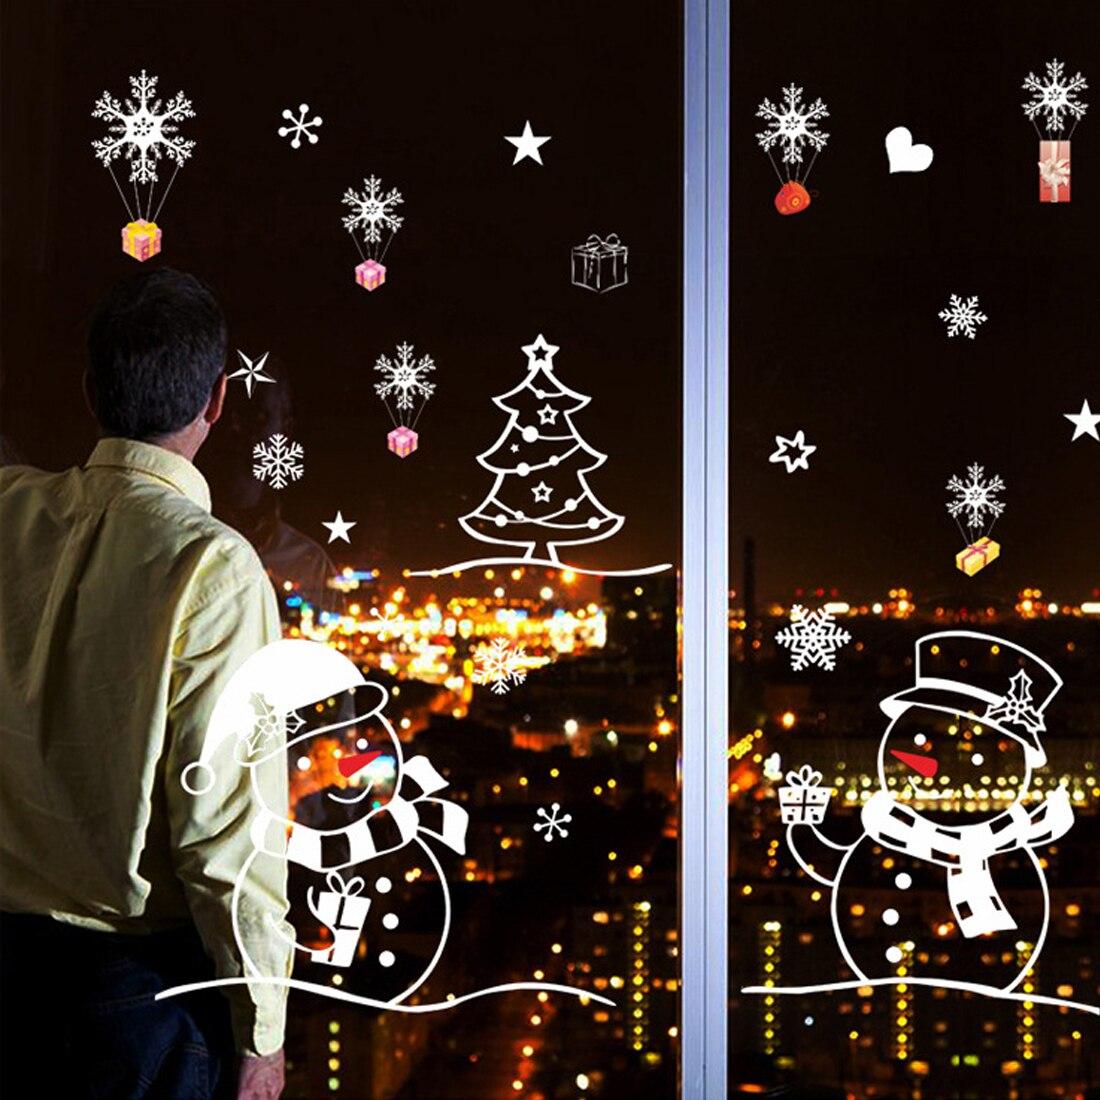 синхронизация сработала куда наклеить в квартире новогодние наклейки фото выбору специалистов отзывы